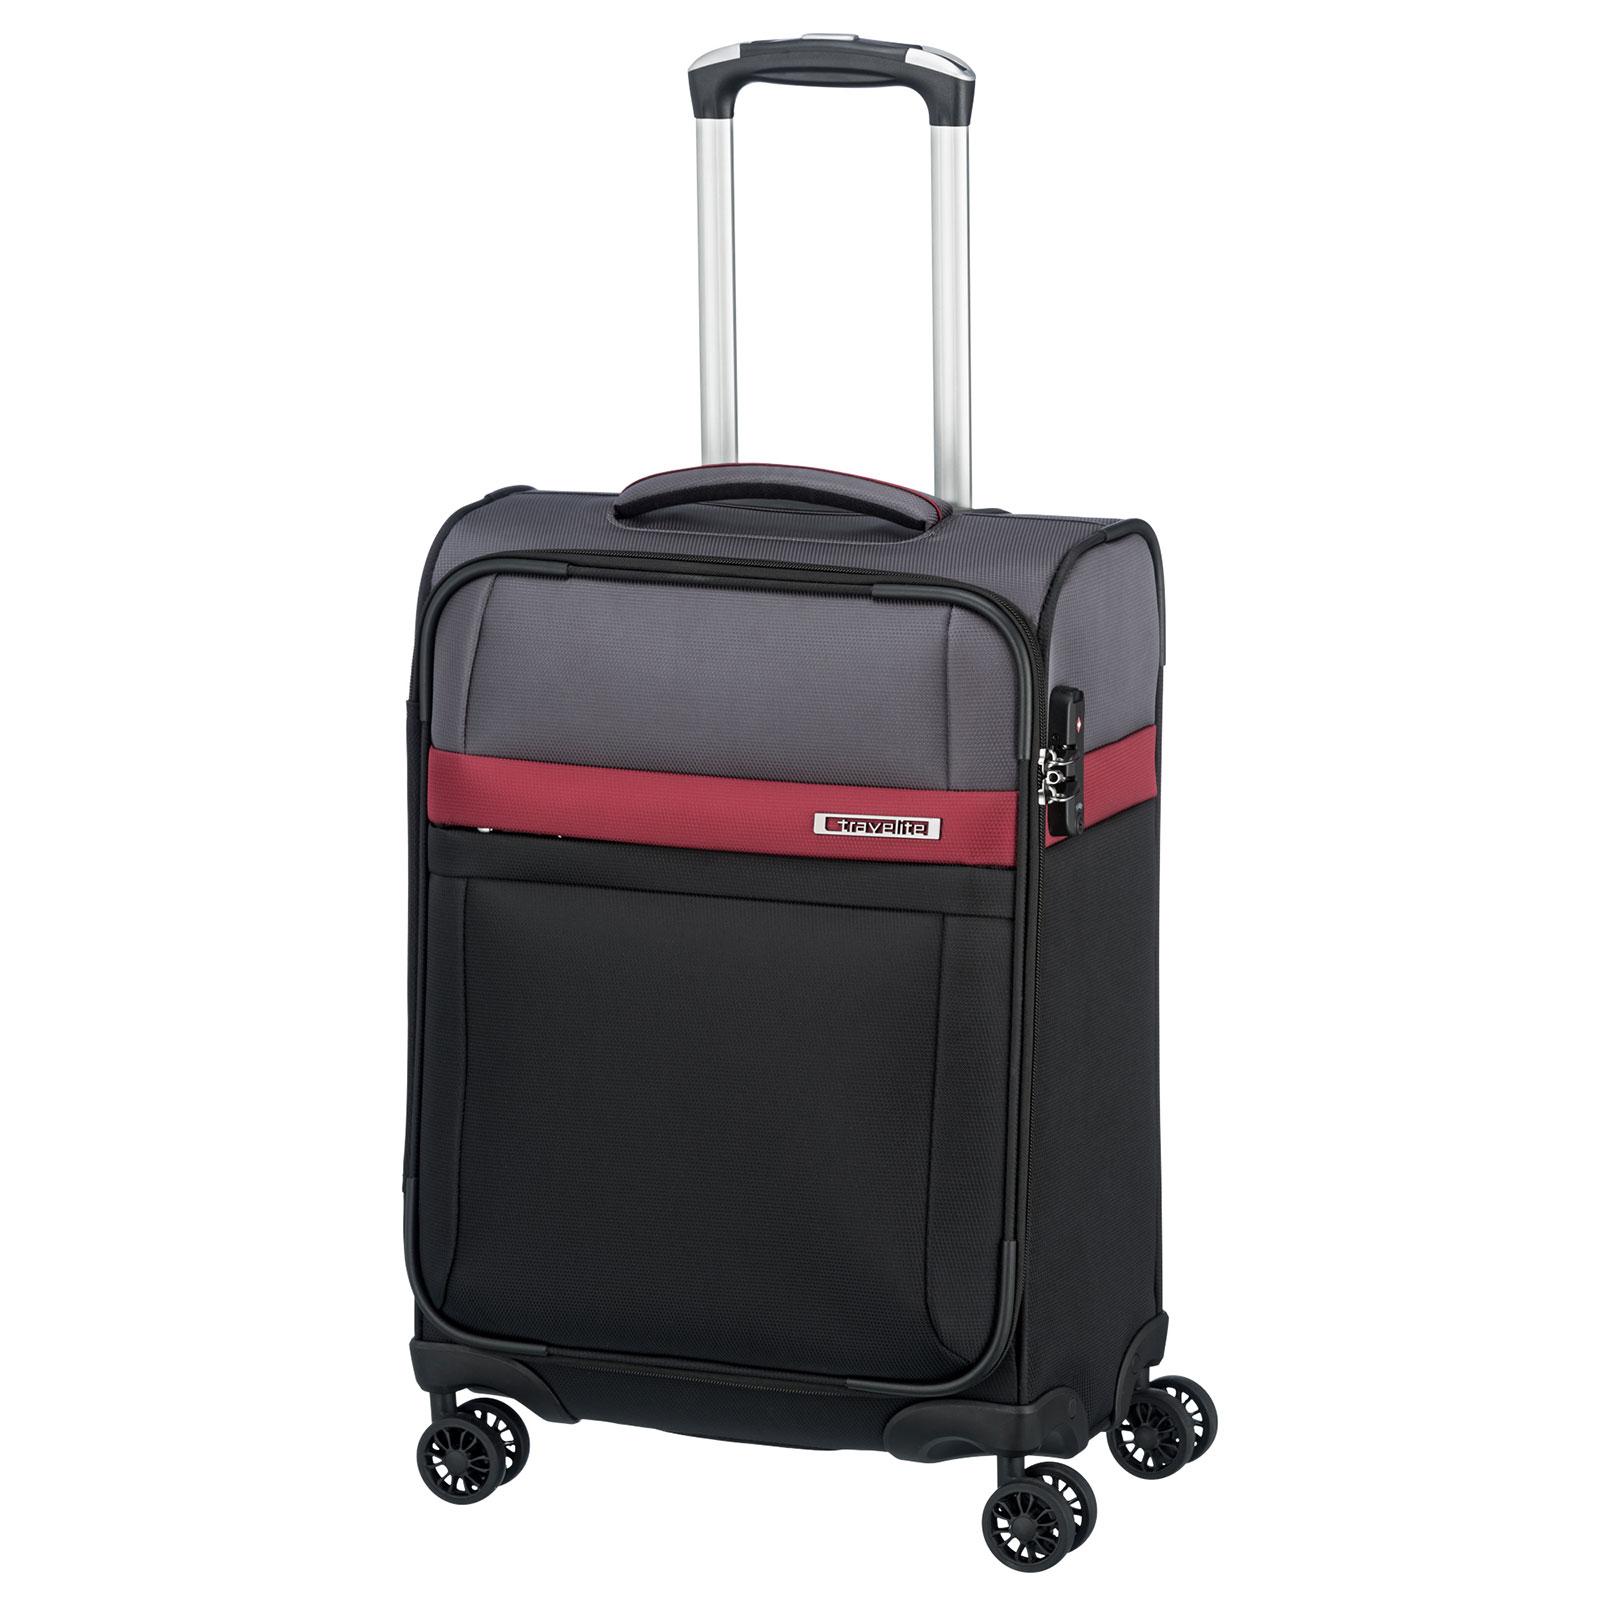 koffermarkt.com - Travelite Stream 4-Rollen-Trolley 55 cm Handgepäck